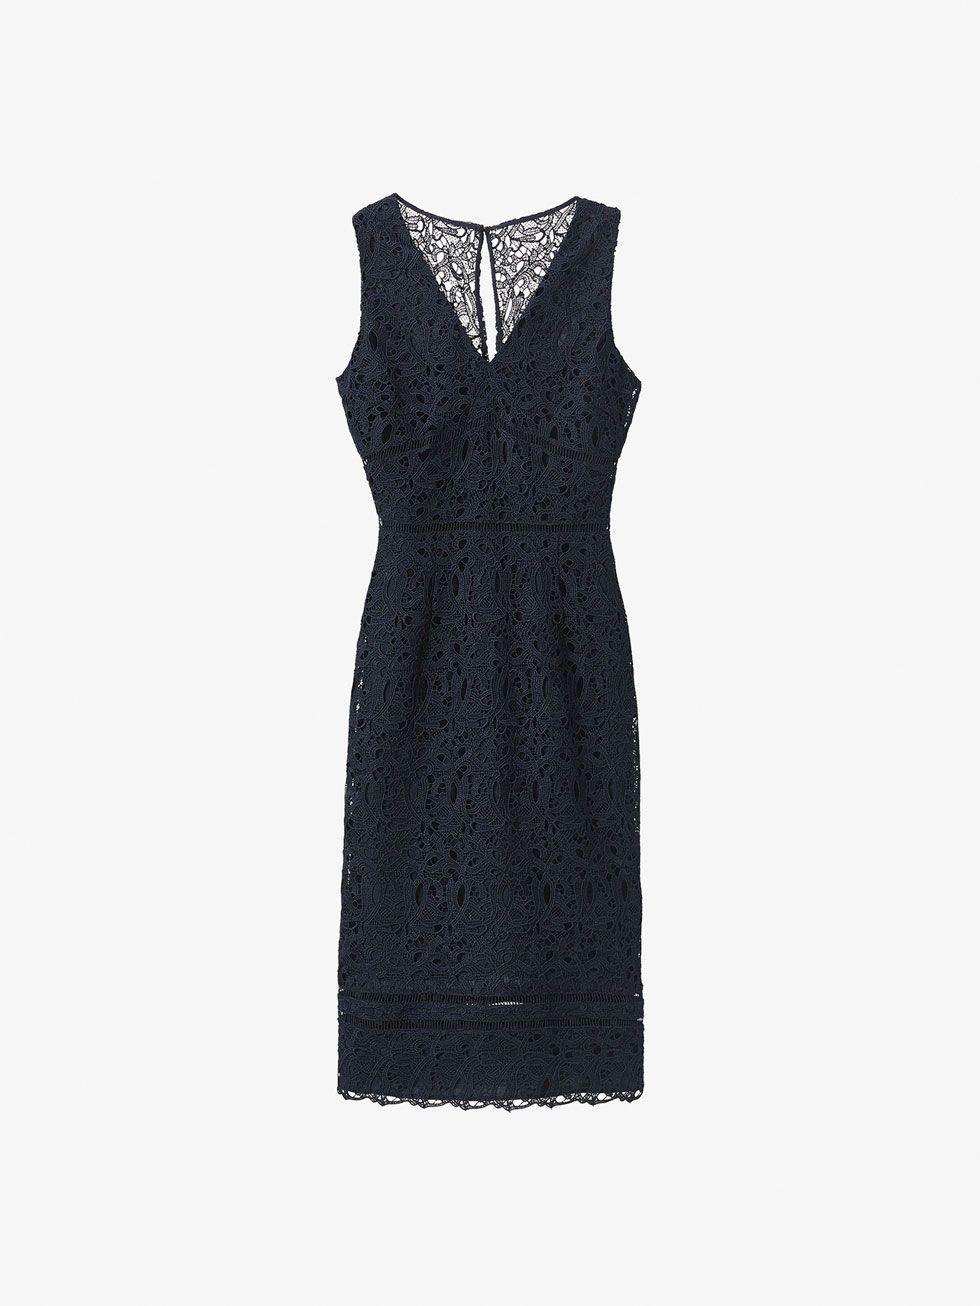 1bdb7b293f ΦΟΡΕΜΑ ΣΕ ΝΑΥΤΙΚΟ ΣΤΥΛ ΓΚΙΠΟΥΡ από ΓΥΝΑΊΚΑ - Φορέματα της Massimo Dutti για  την Φθινόπωρο χειμώνας